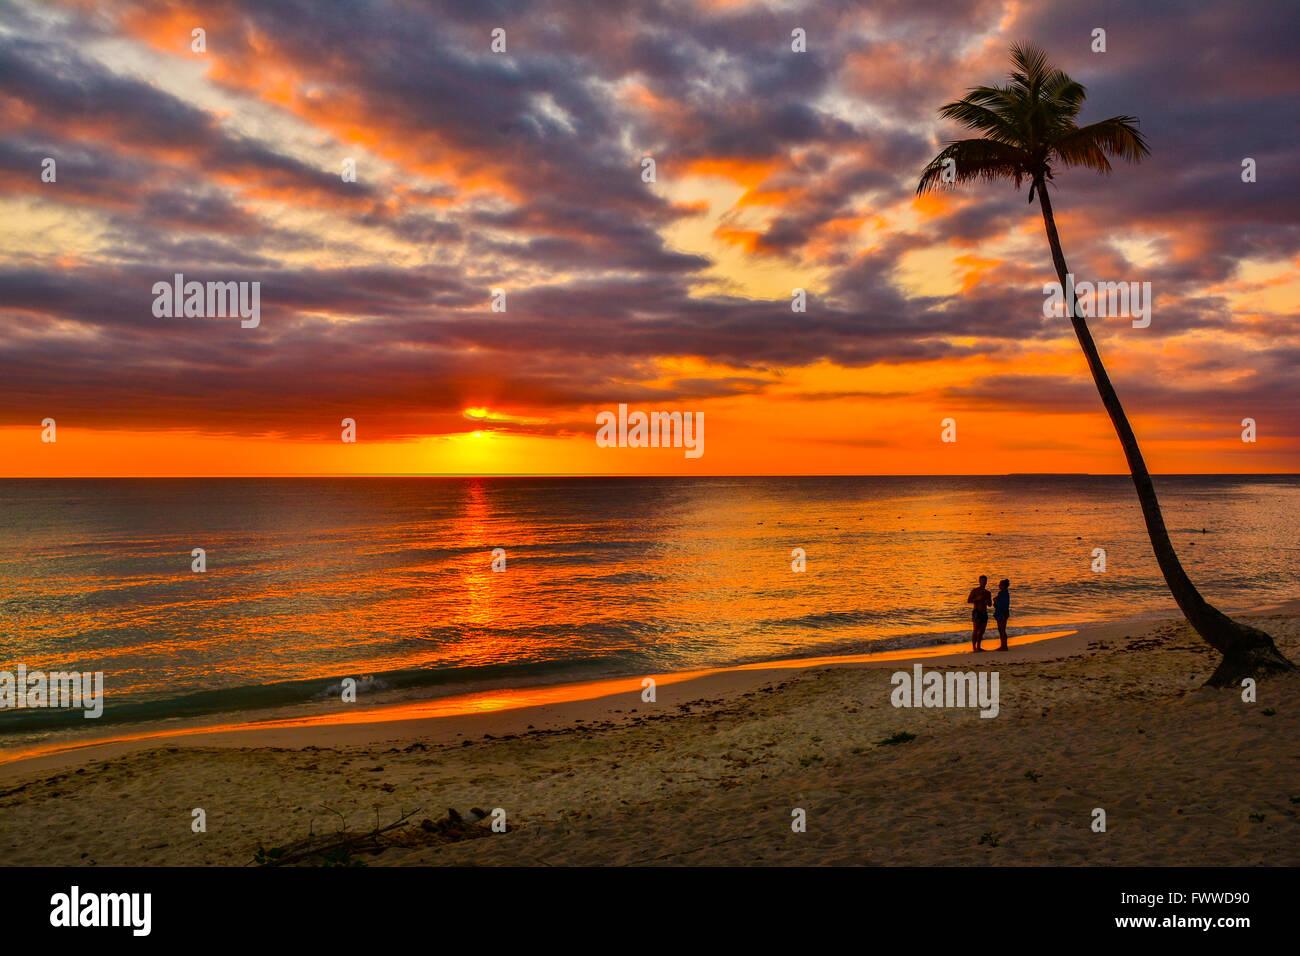 Sonnenuntergang über dem karibischen Meer Stockbild